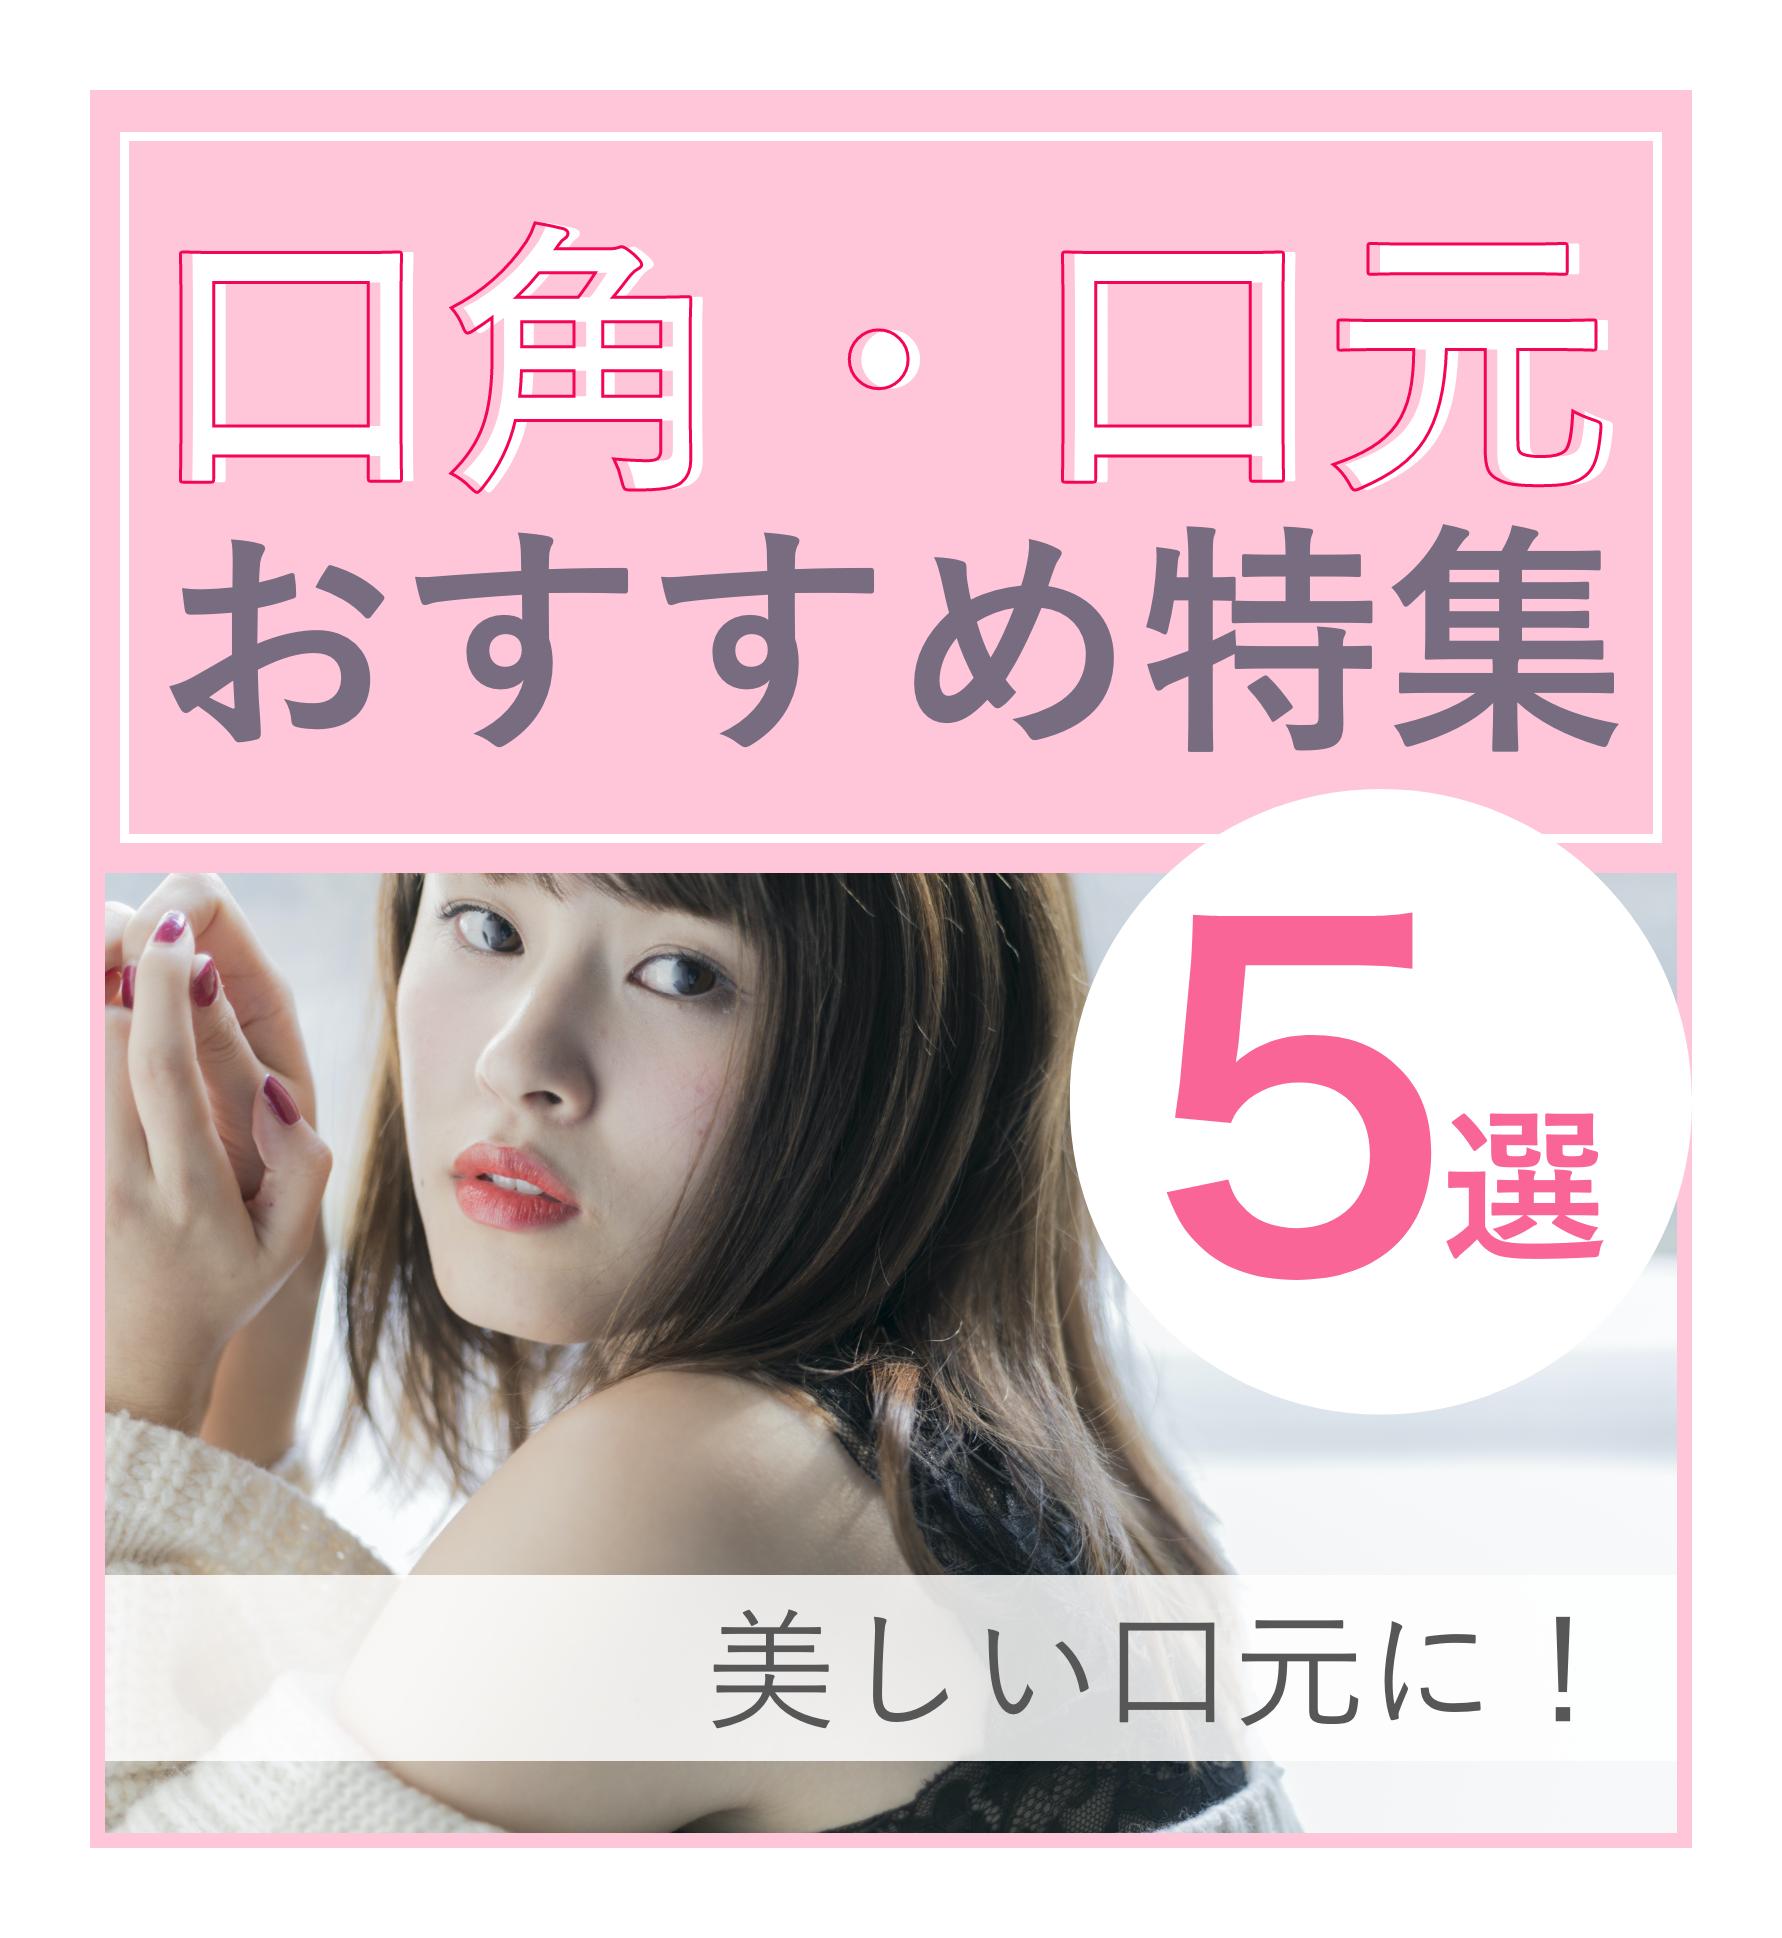 【美しい口元に👄✨】人気・おすすめのキャンペーン!口元の施術特集5選の画像1枚目